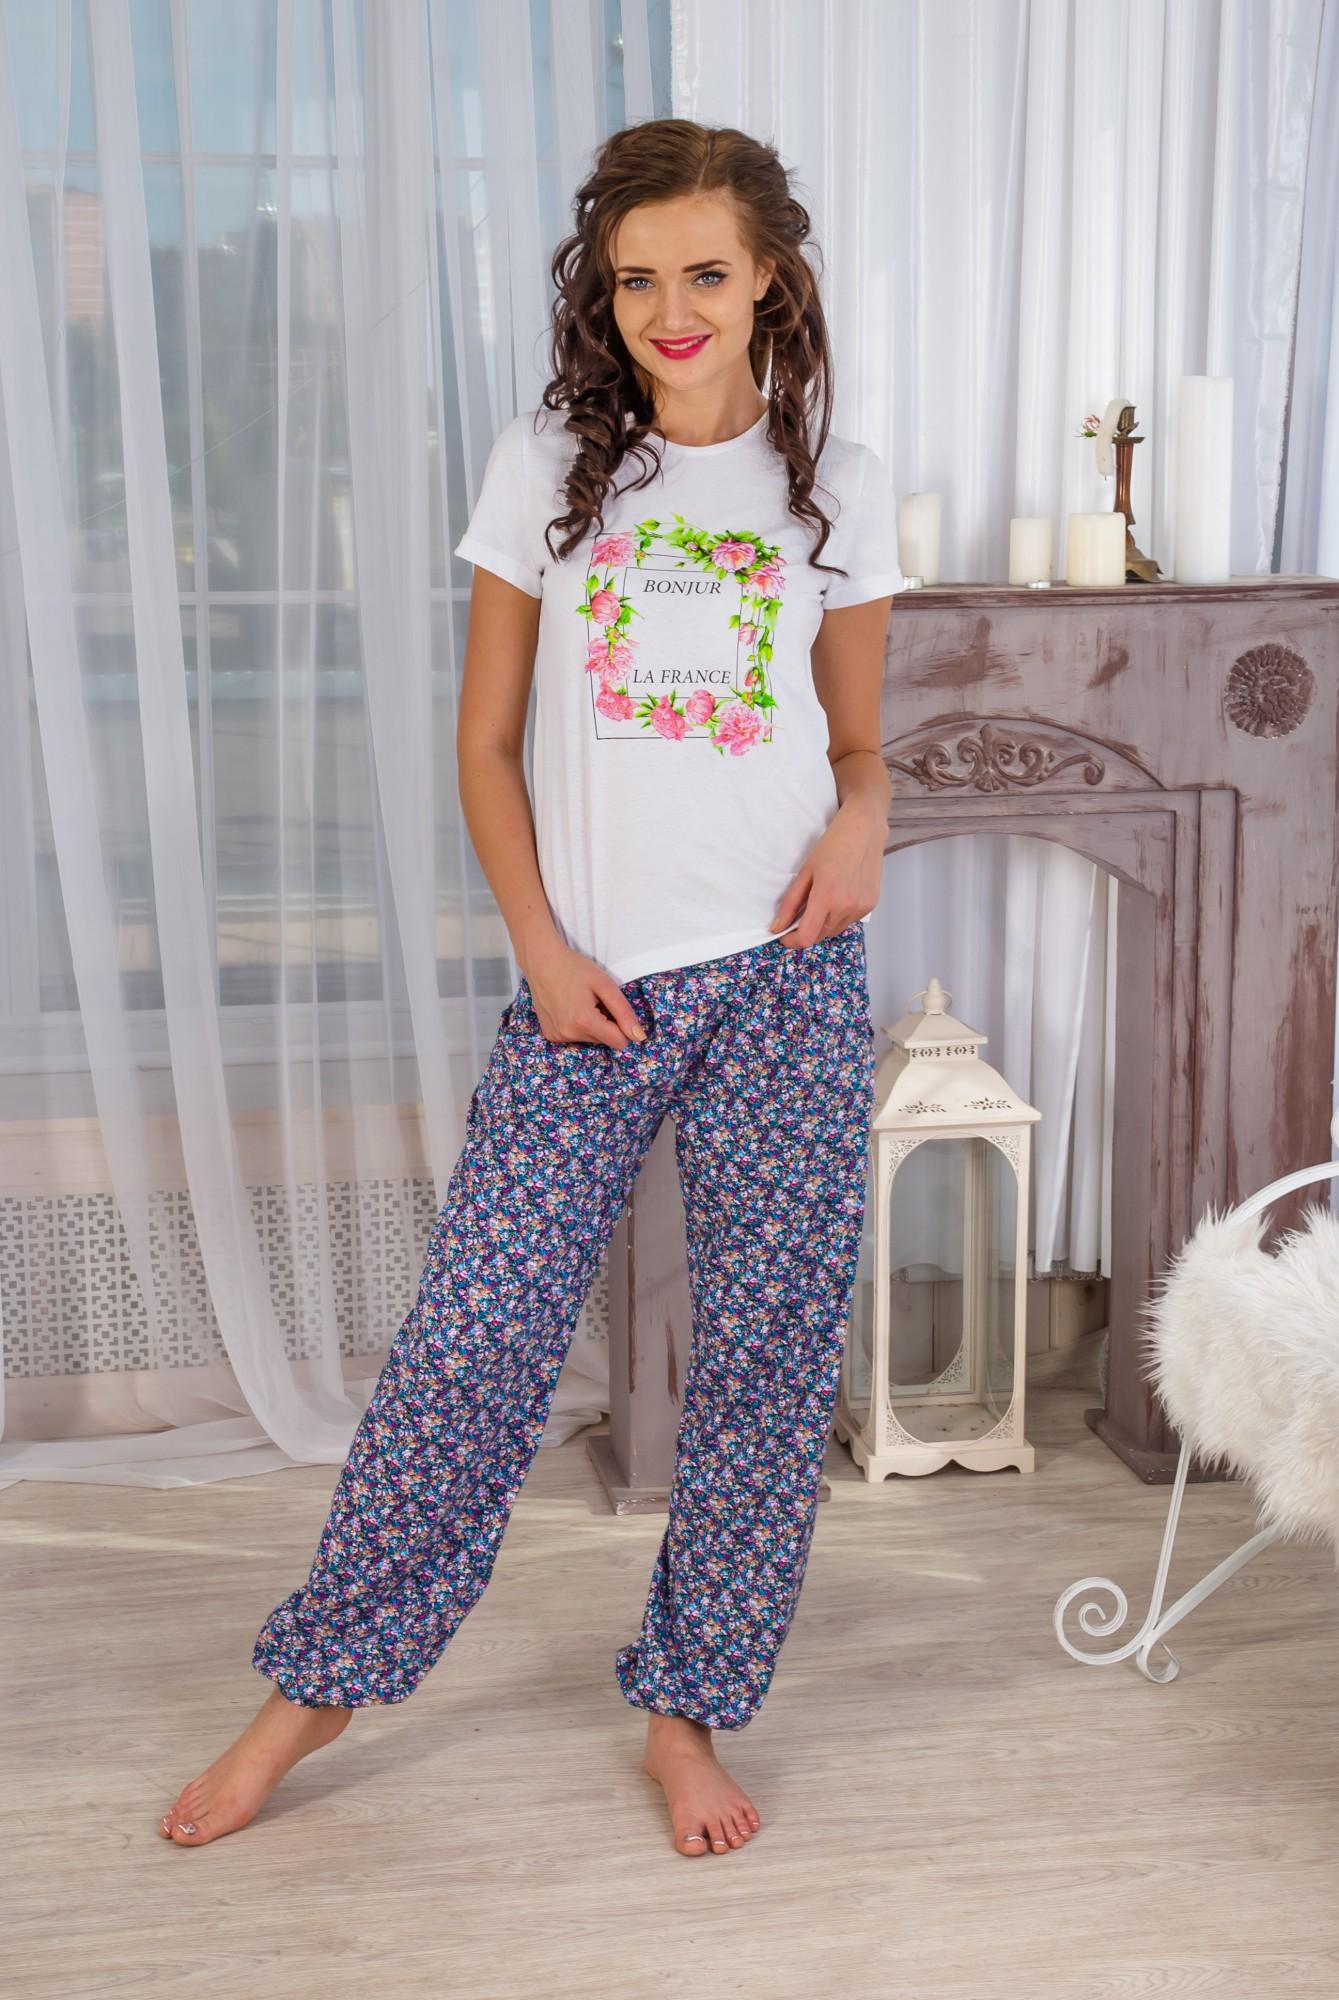 Костюм женский Бонжурфутболка и брюкиДомашние комплекты, костюмы<br><br><br>Размер: 52